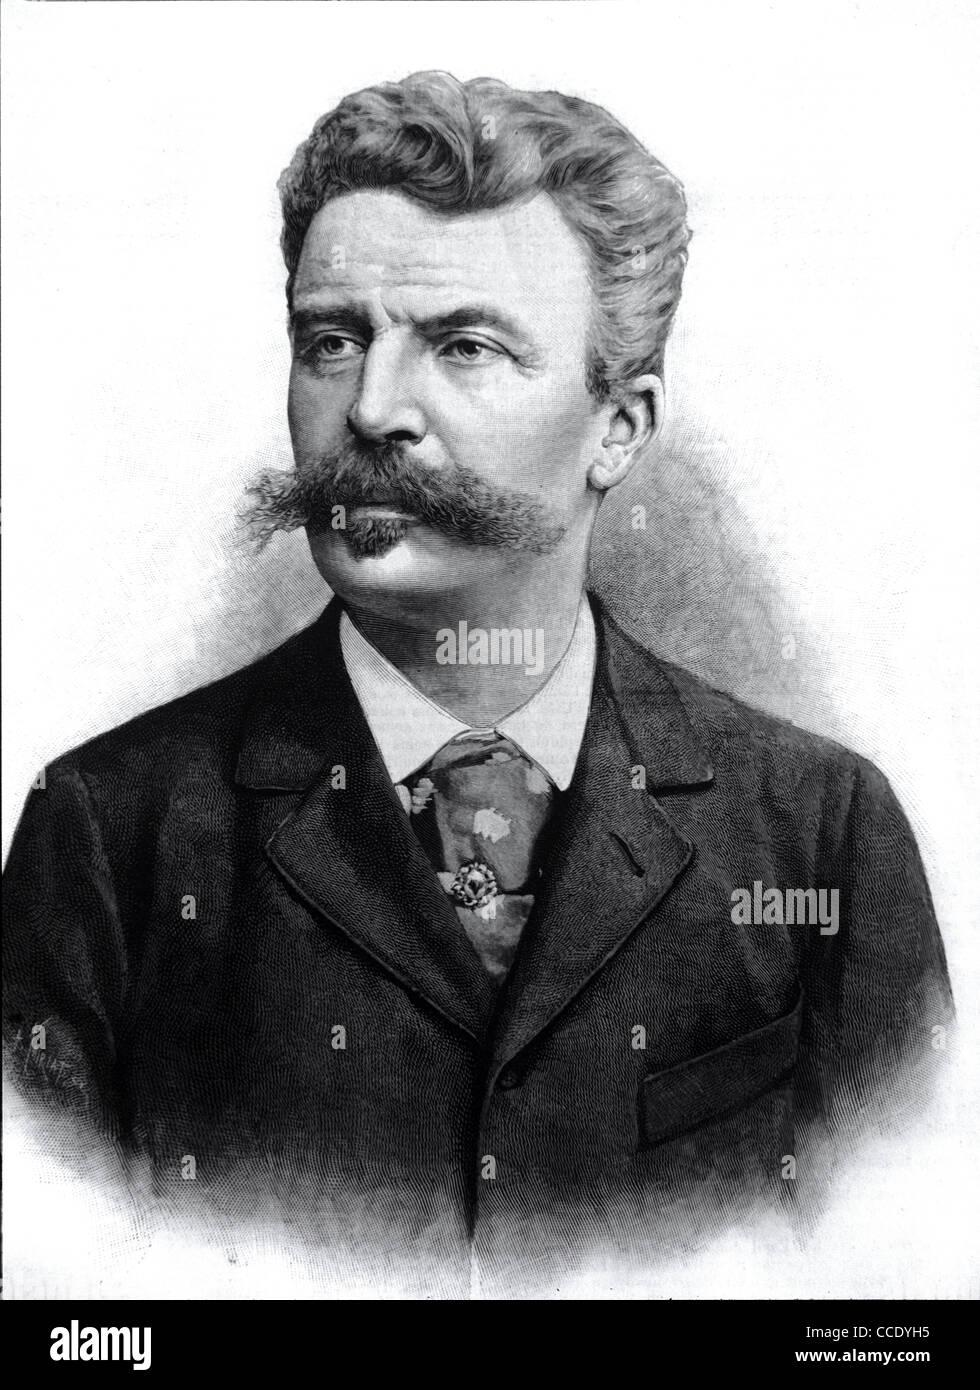 Photo De Guy De Maupassant : photo, maupassant, Portrait, Maupassant,, French, Novelist, Short, Story, Writer, Stock, Photo, Alamy